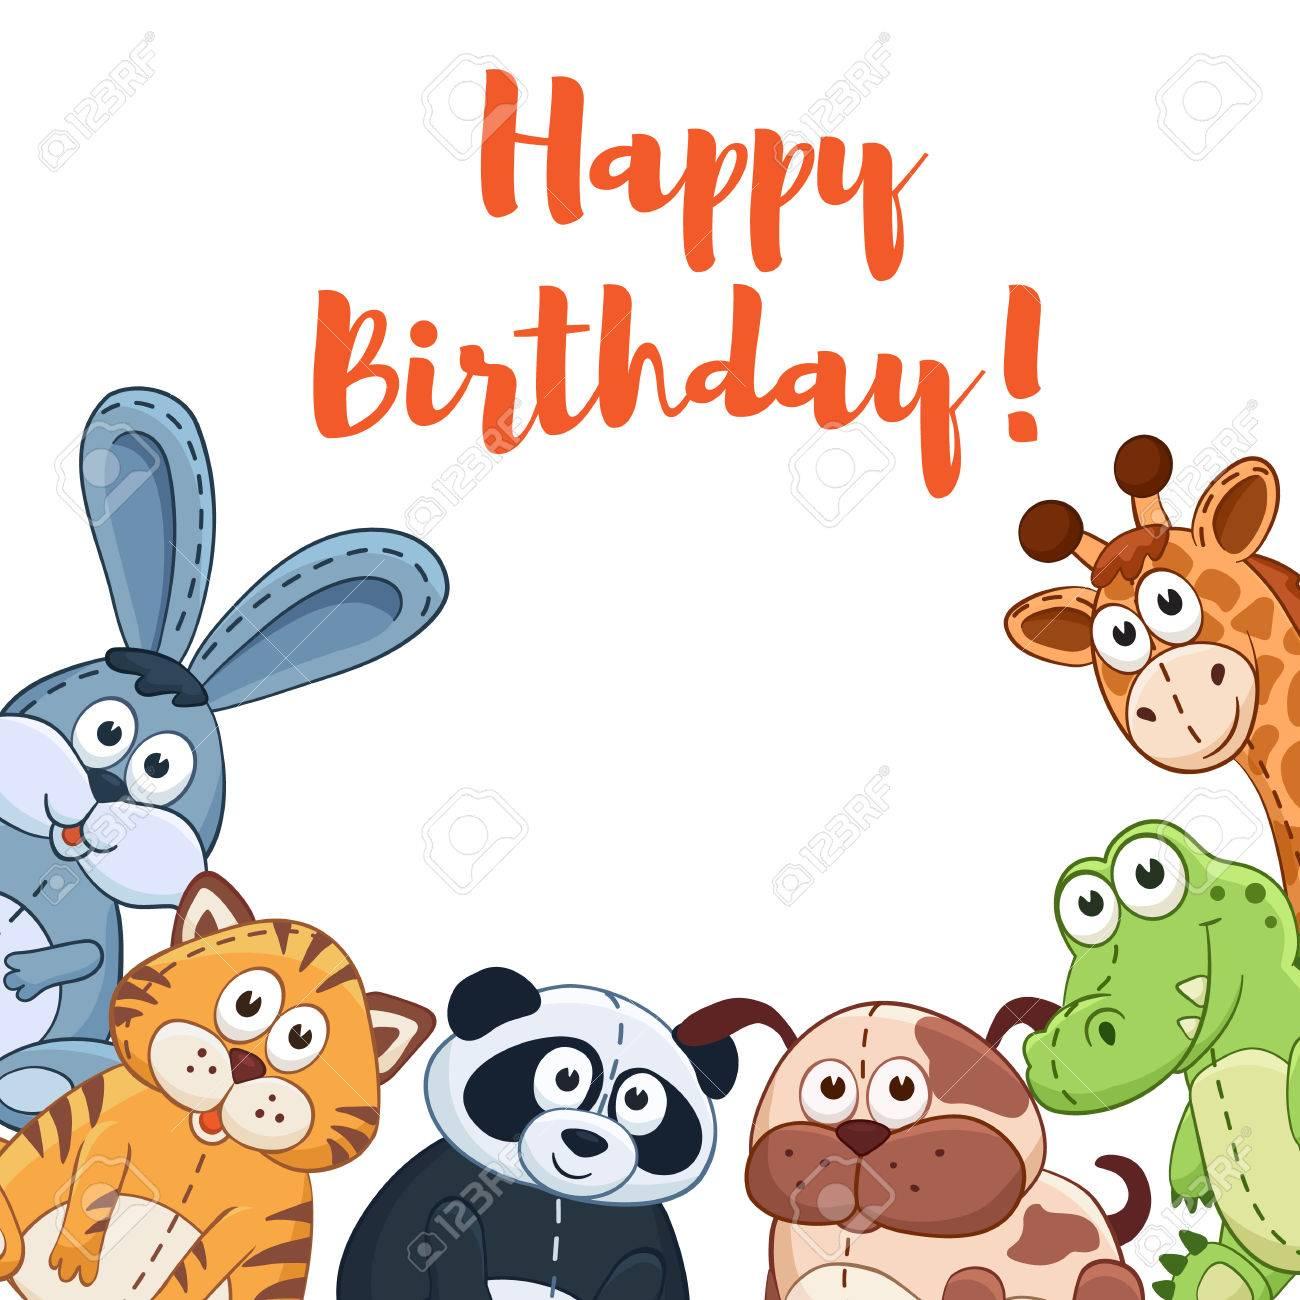 Alles Gute Zum Geburtstag Karte Mit Niedlichen Comic Tiere Auf